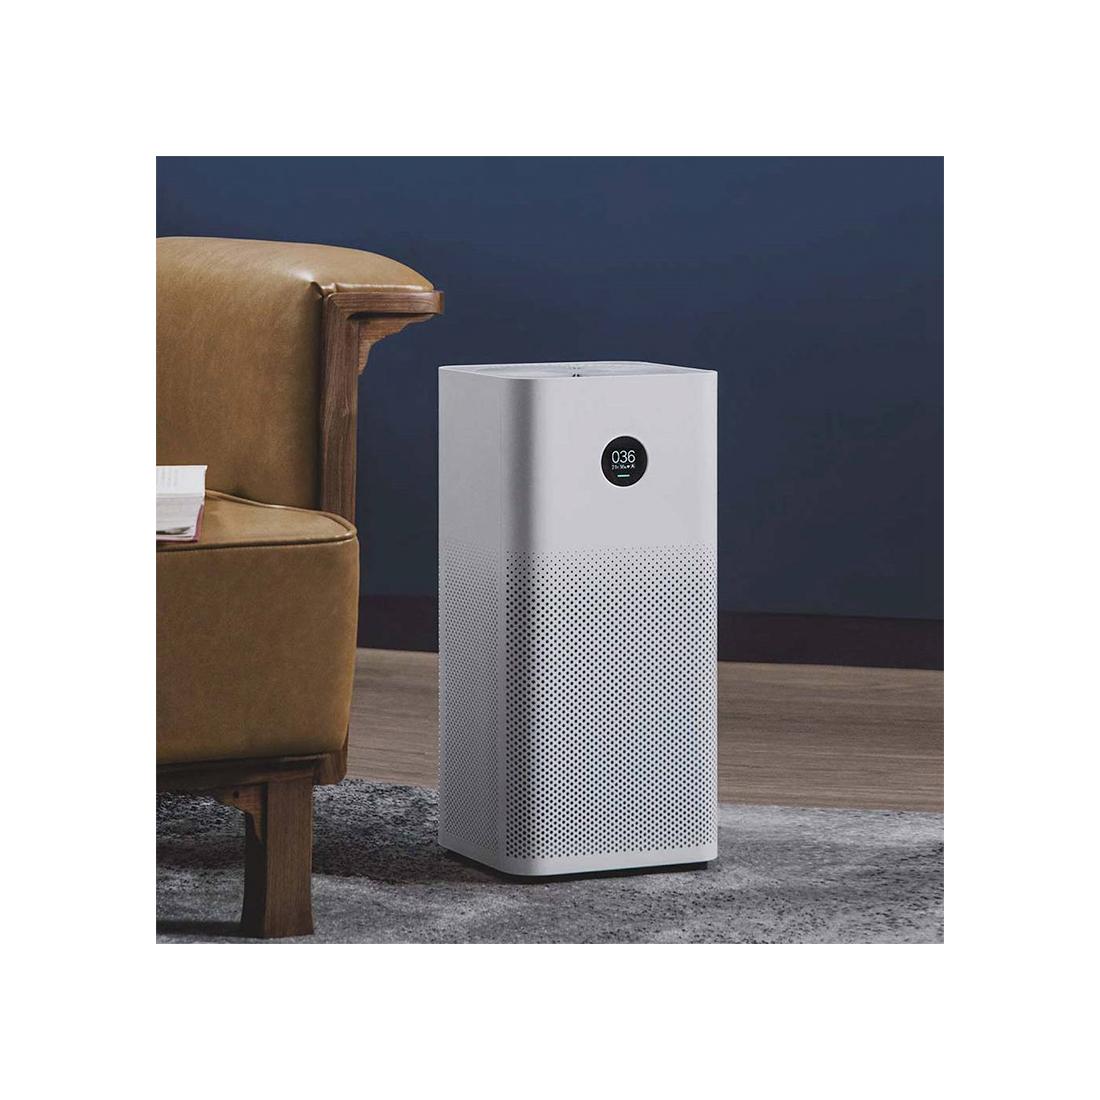 Увлажнитель-очиститель воздуха: как выбрать?